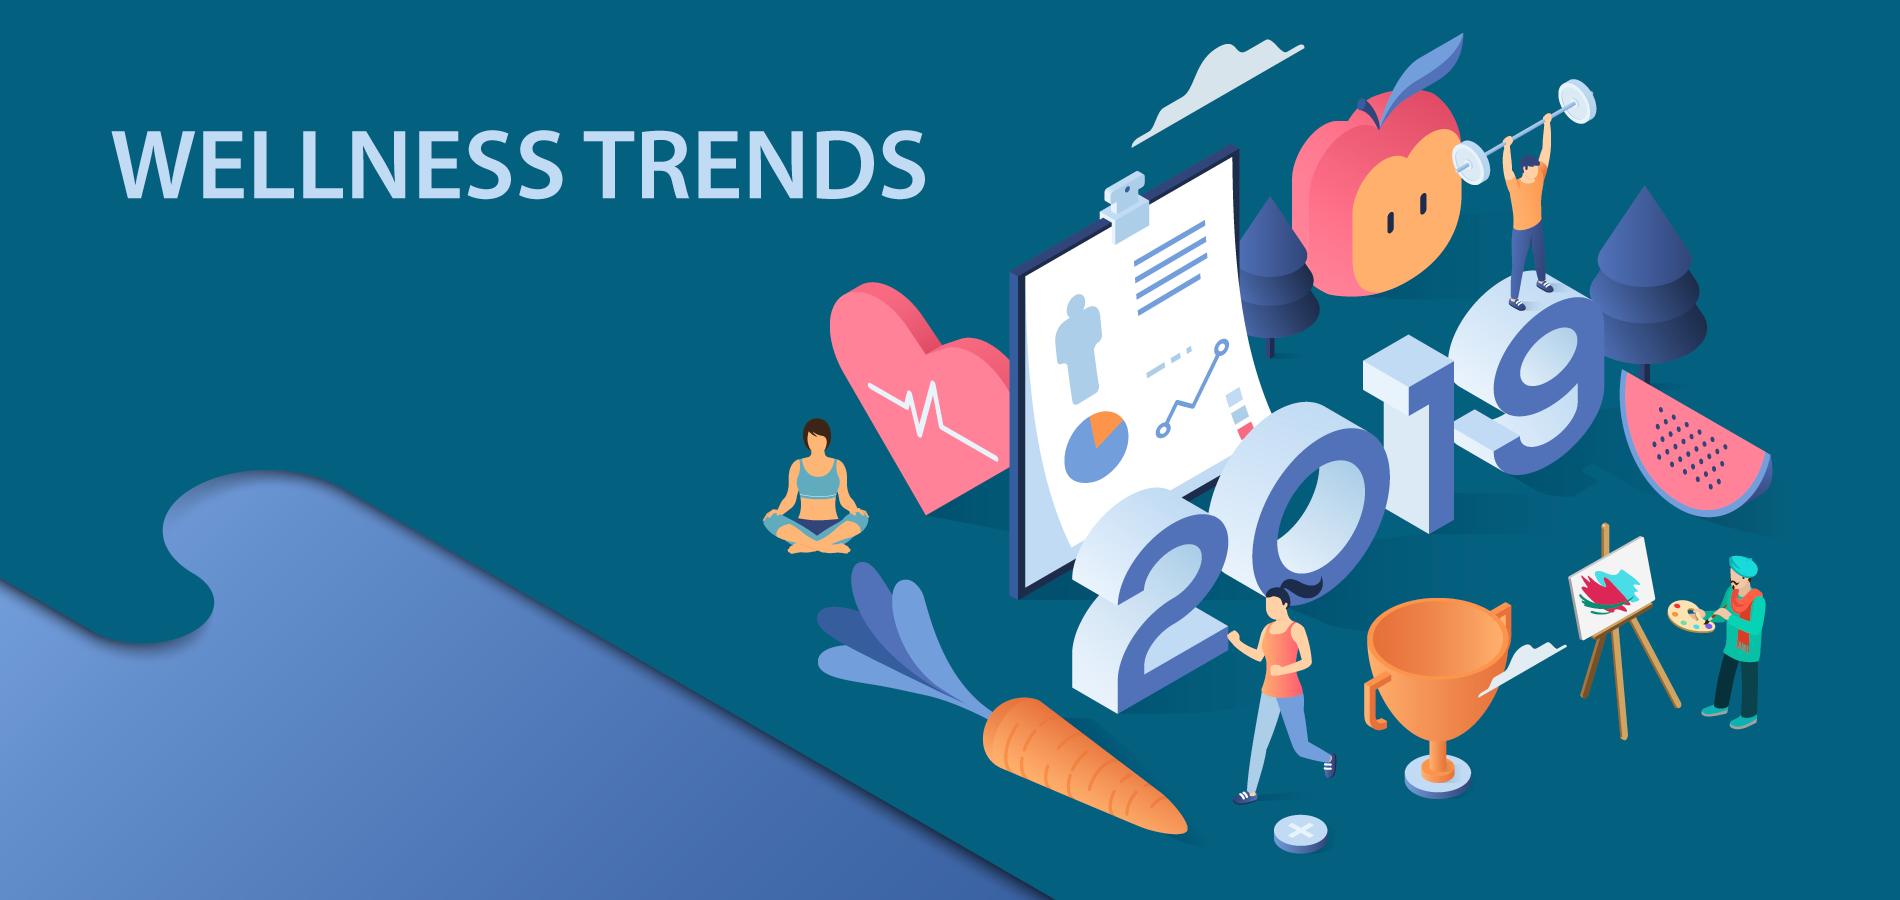 Wellness trends in 2019